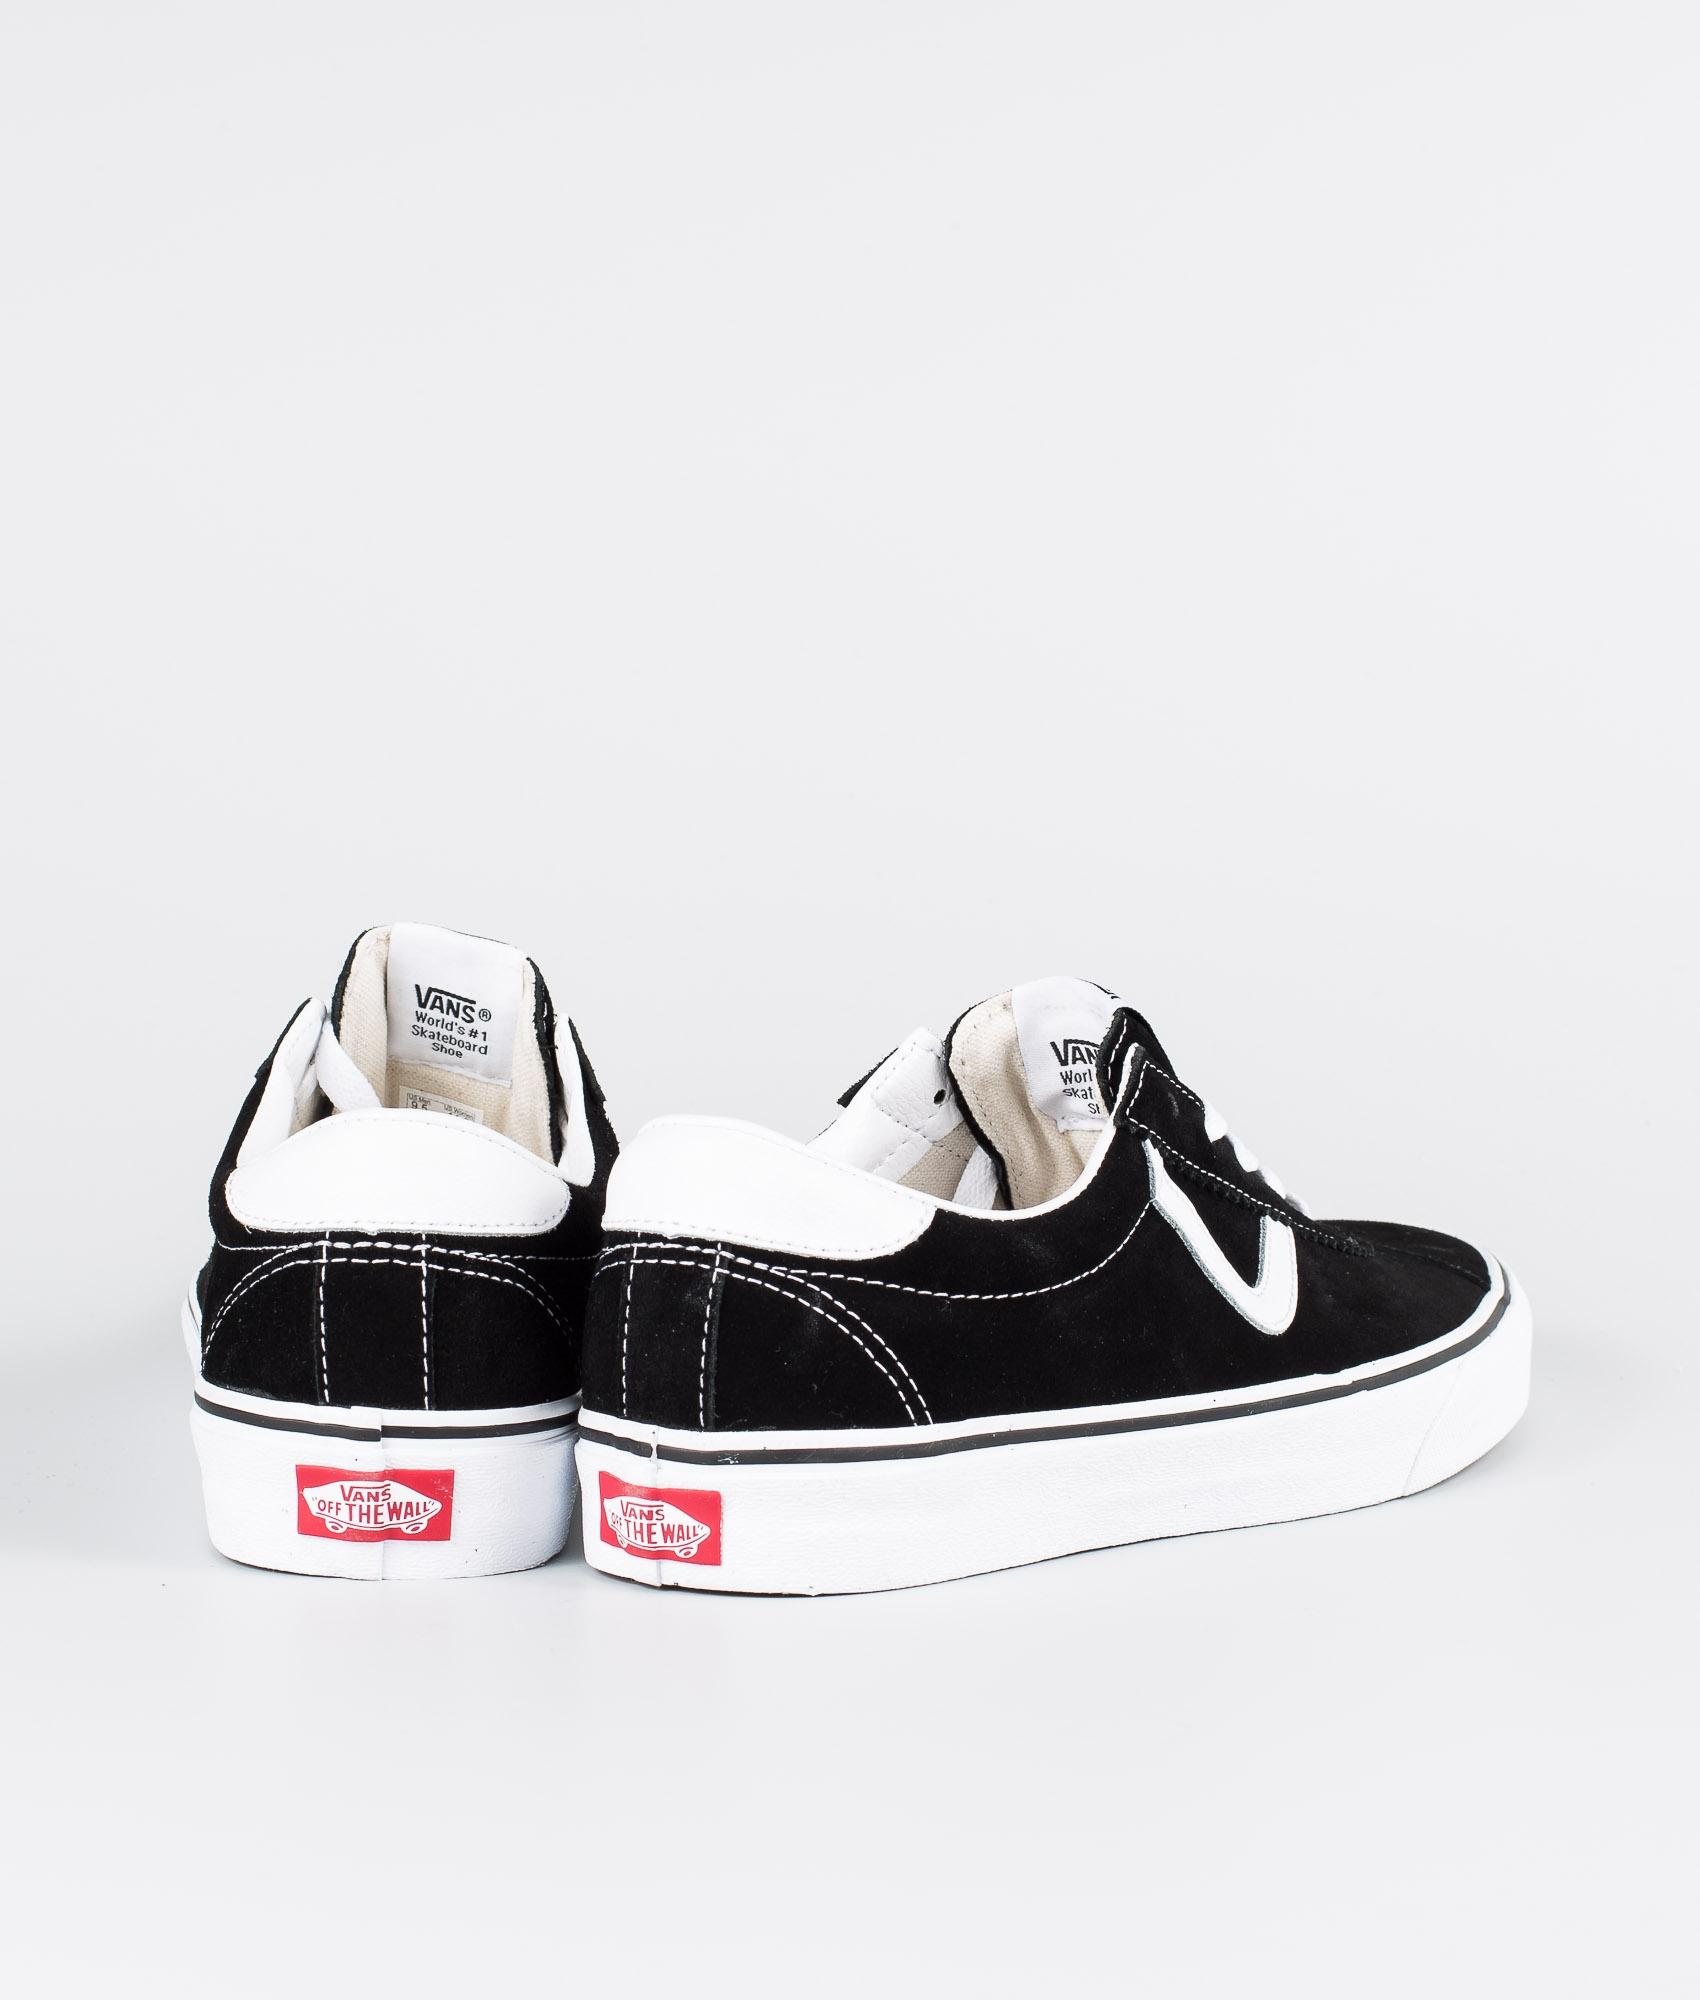 van sport chaussures